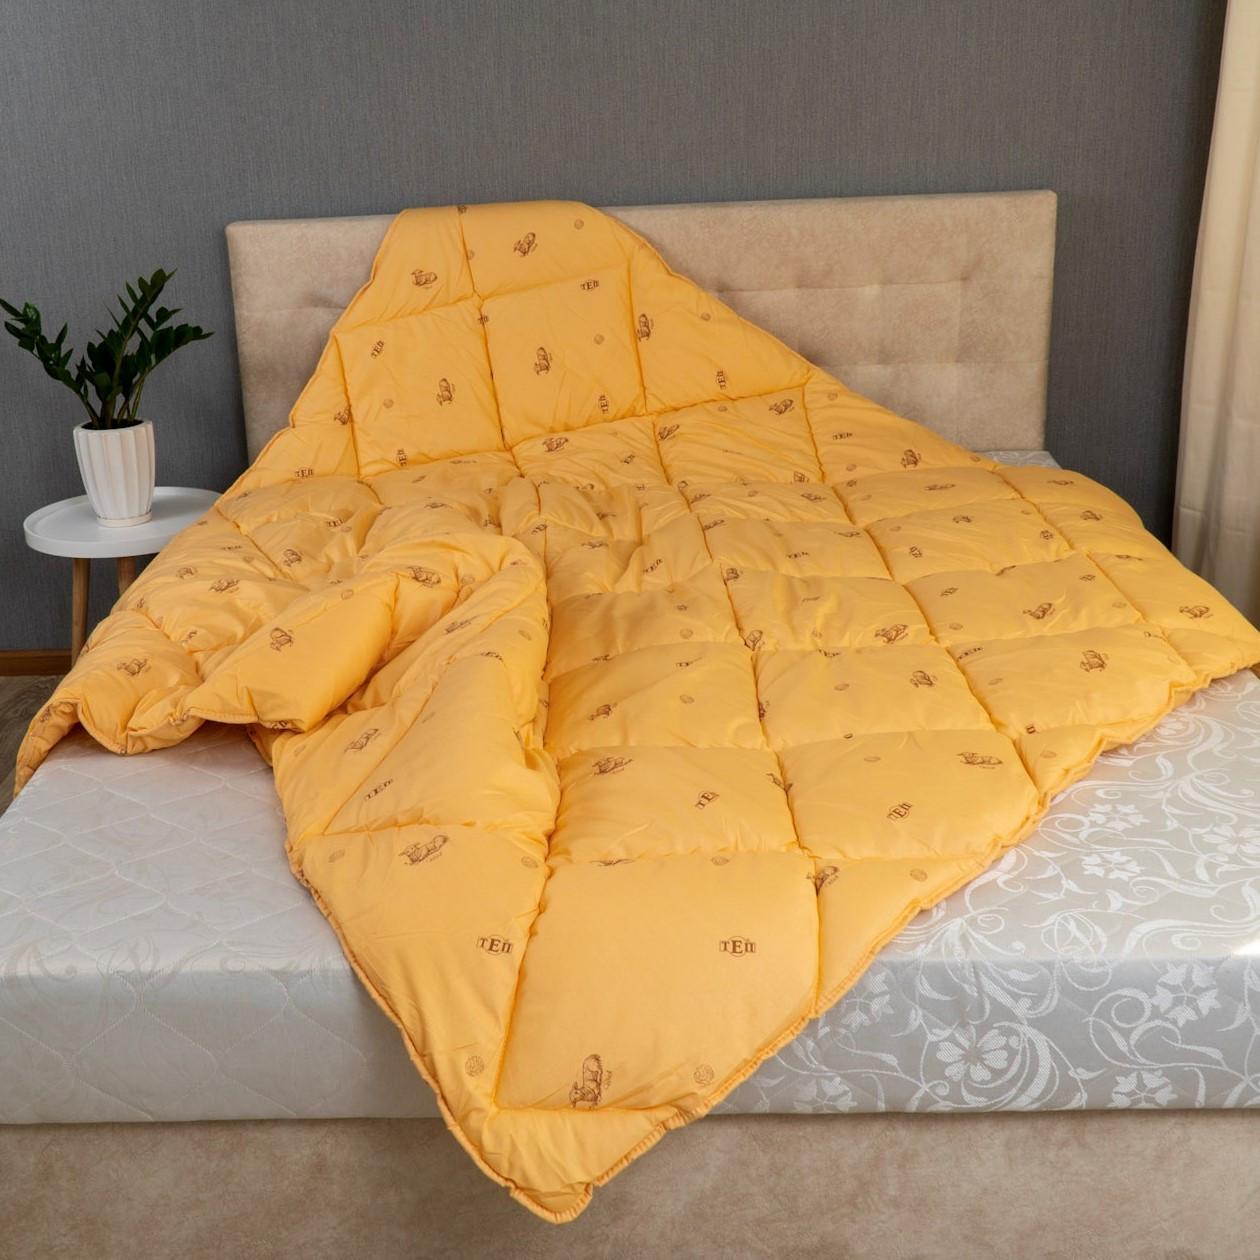 Одеяло ТЕП Dream collection «Wool» 200х210